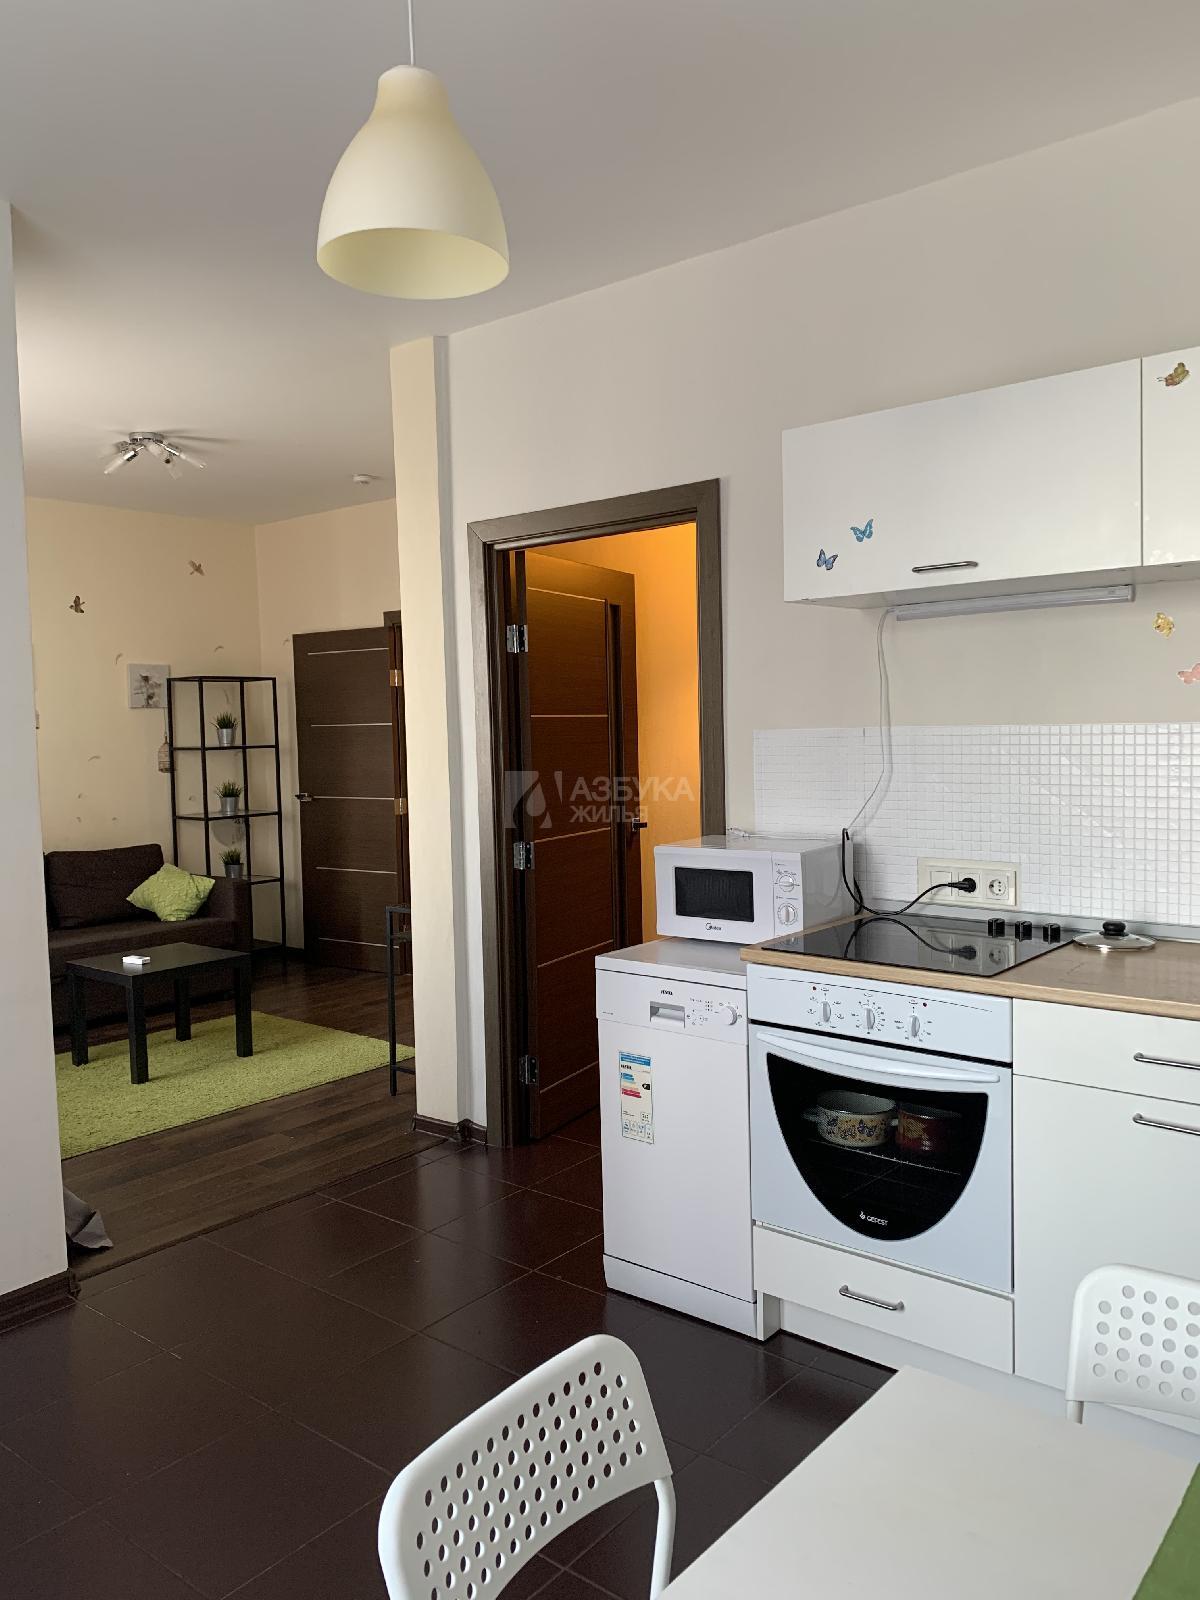 Фото №23 - 2-комнатная квартира, Москва, Митинская улица 28 корпус 2, метро Митино